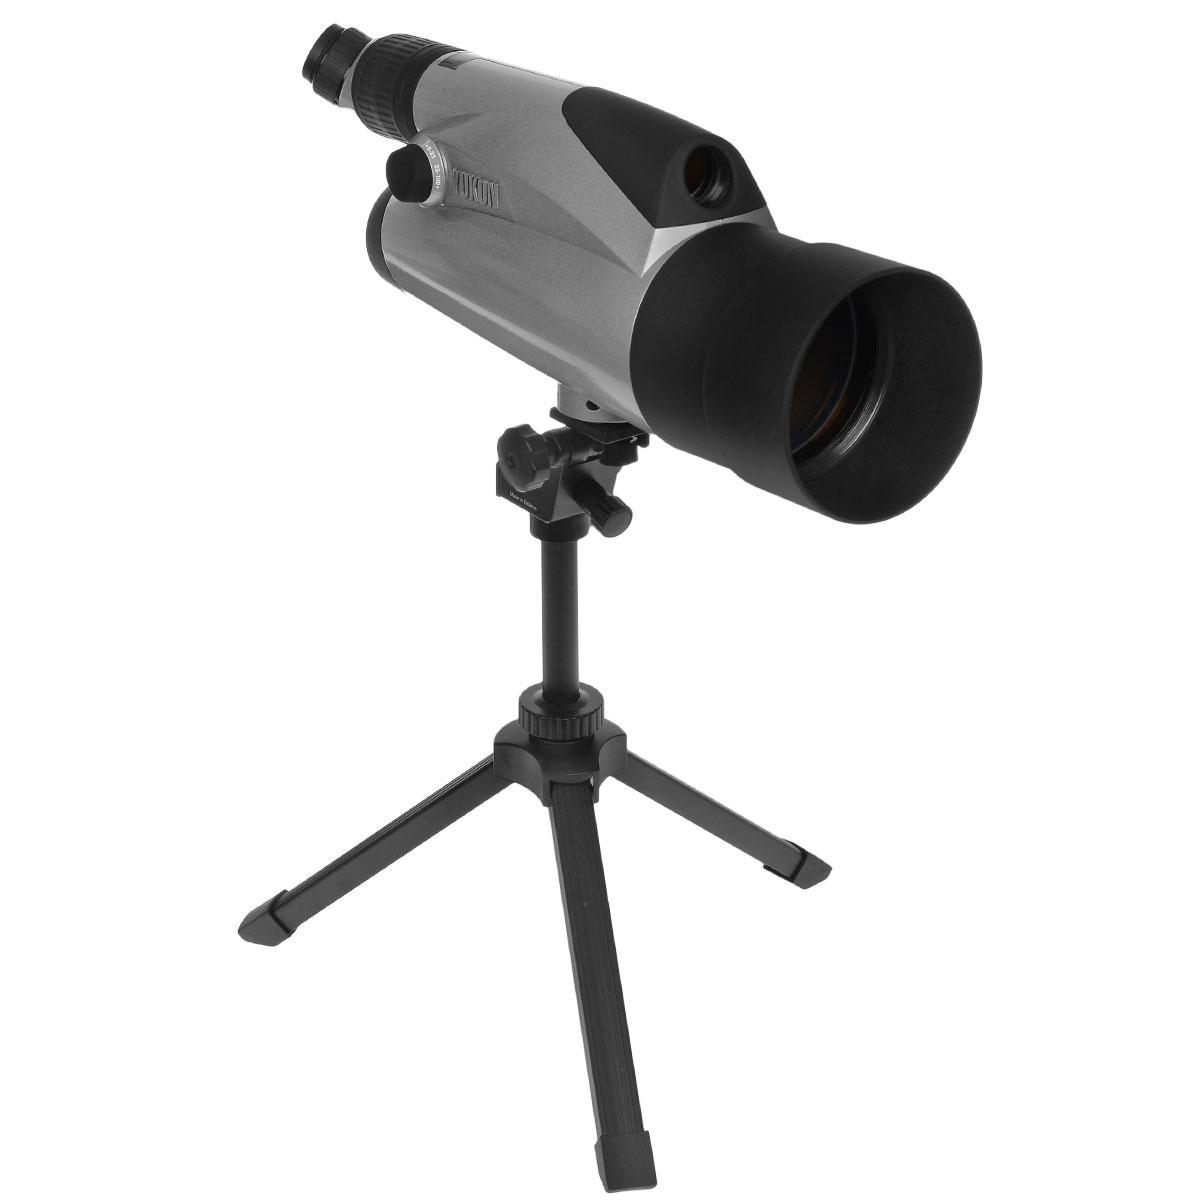 """Yukon 100x подзорная труба со штативом, Silver21031SKЗрительная труба Yukon 100х хороша для целей стационарного наблюдения любителями животного мира и природы на открытой местности, а также для наблюдения, в том числе и профессионального, в городских условиях, и для астрономических целей. Труба Yukon 100х имеет совершенно новые уникальные оптические характеристики. В ней впервые достигнута возможность плавного изменения кратности от 6х до 100х. Переключение с дополнительного канала на основной и наоборот осуществляется простым поворотом рукоятки. Зрительная труба может устанавливаться на штативах 1/4"""" и 3/8"""". Важной особенностью является возможность фотографирования через зрительную трубу при помощи фотоадаптеров. Специальная видеонасадка (в комплект не входит) поможет вывести изображение на экран монитора, при необходимости - сделать видеозапись, и обеспечит Вам комфорт при длительных наблюдениях. Все эти функции позволяют применять зрительную трубу во многих сферах любительской и профессиональной..."""